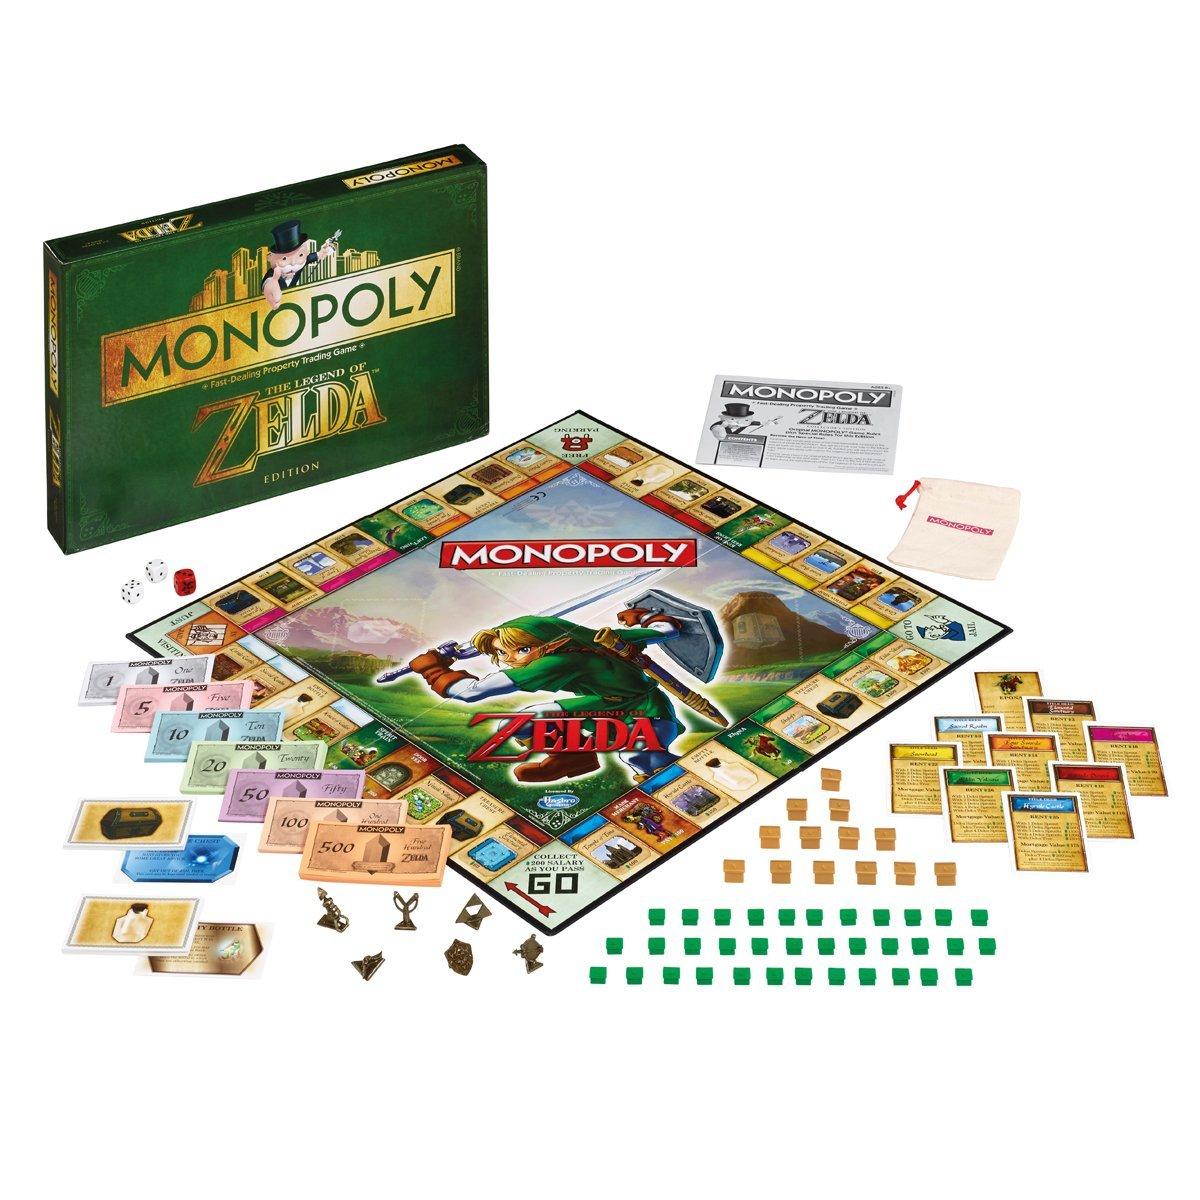 Monopoly La Légende de Zelda - Ile de France